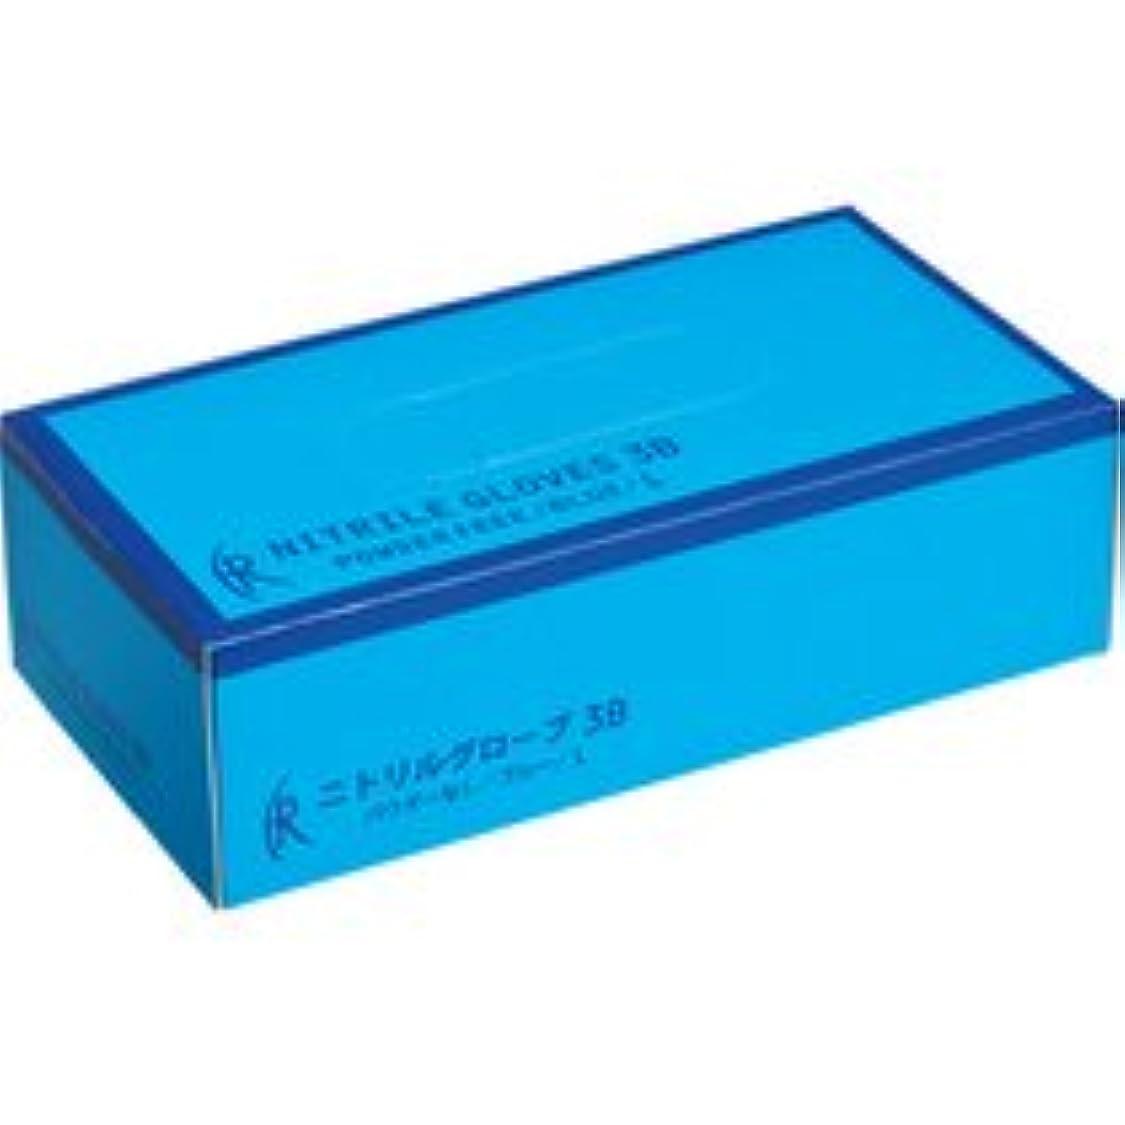 ストローミス計画ファーストレイト ニトリルグローブ3B パウダーフリー L FR-5663 1箱(200枚)